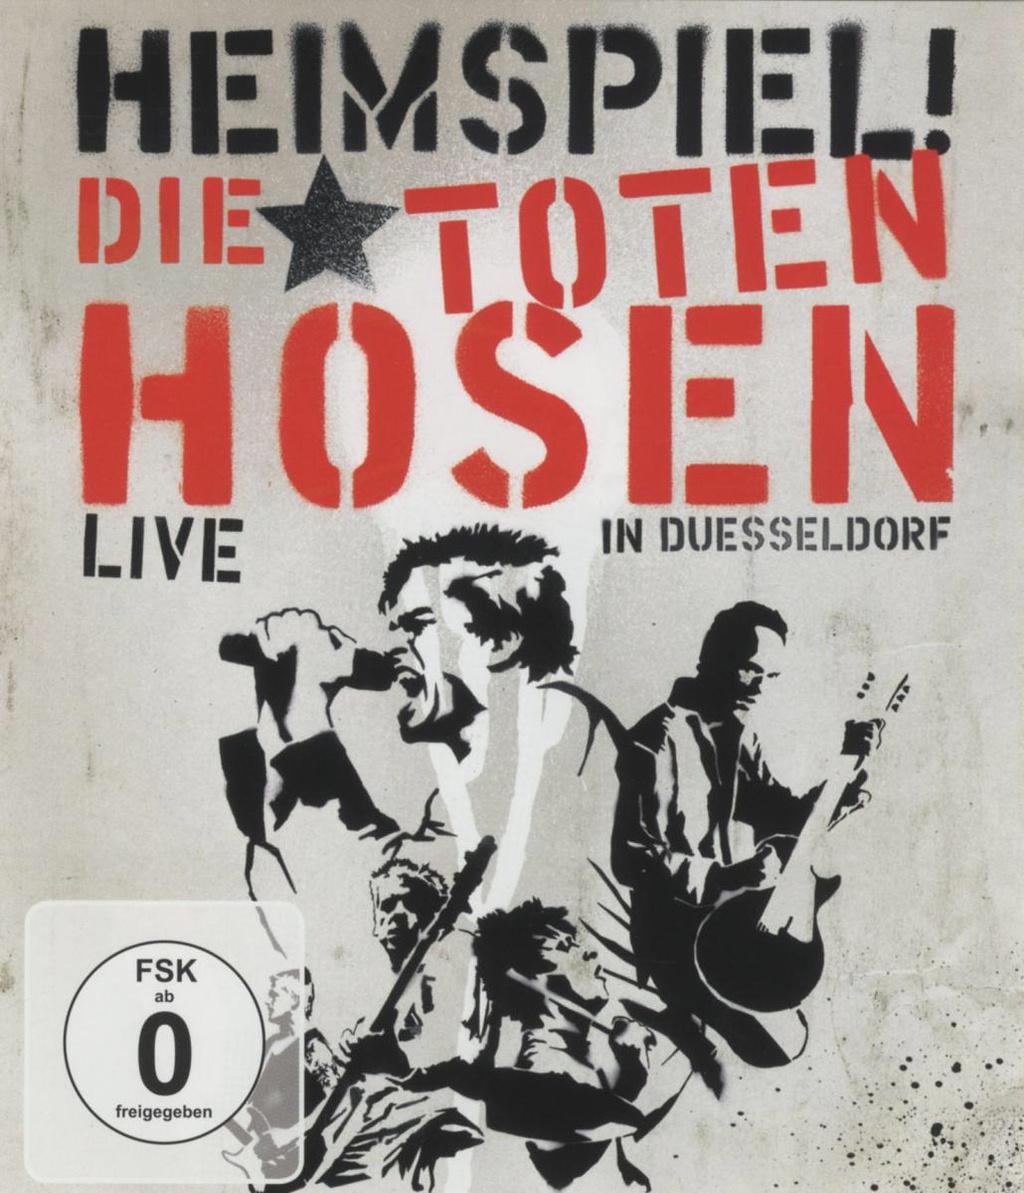 Die Toten Hosen - Heimspiel - DTH Live in Düsseldorf